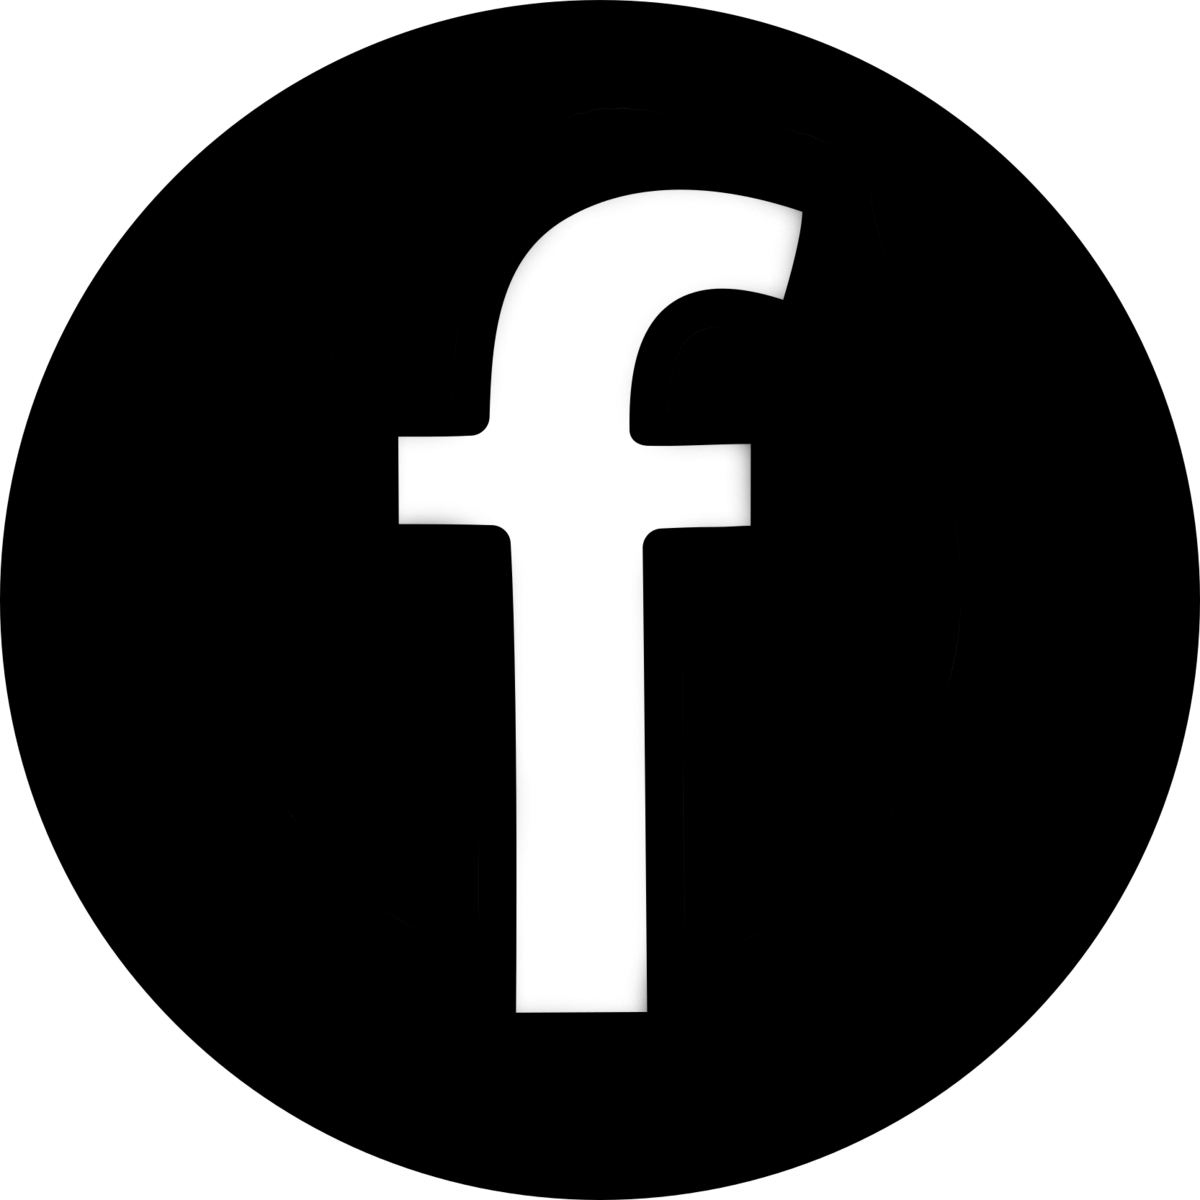 facebook-black-radius-transparent-26.png